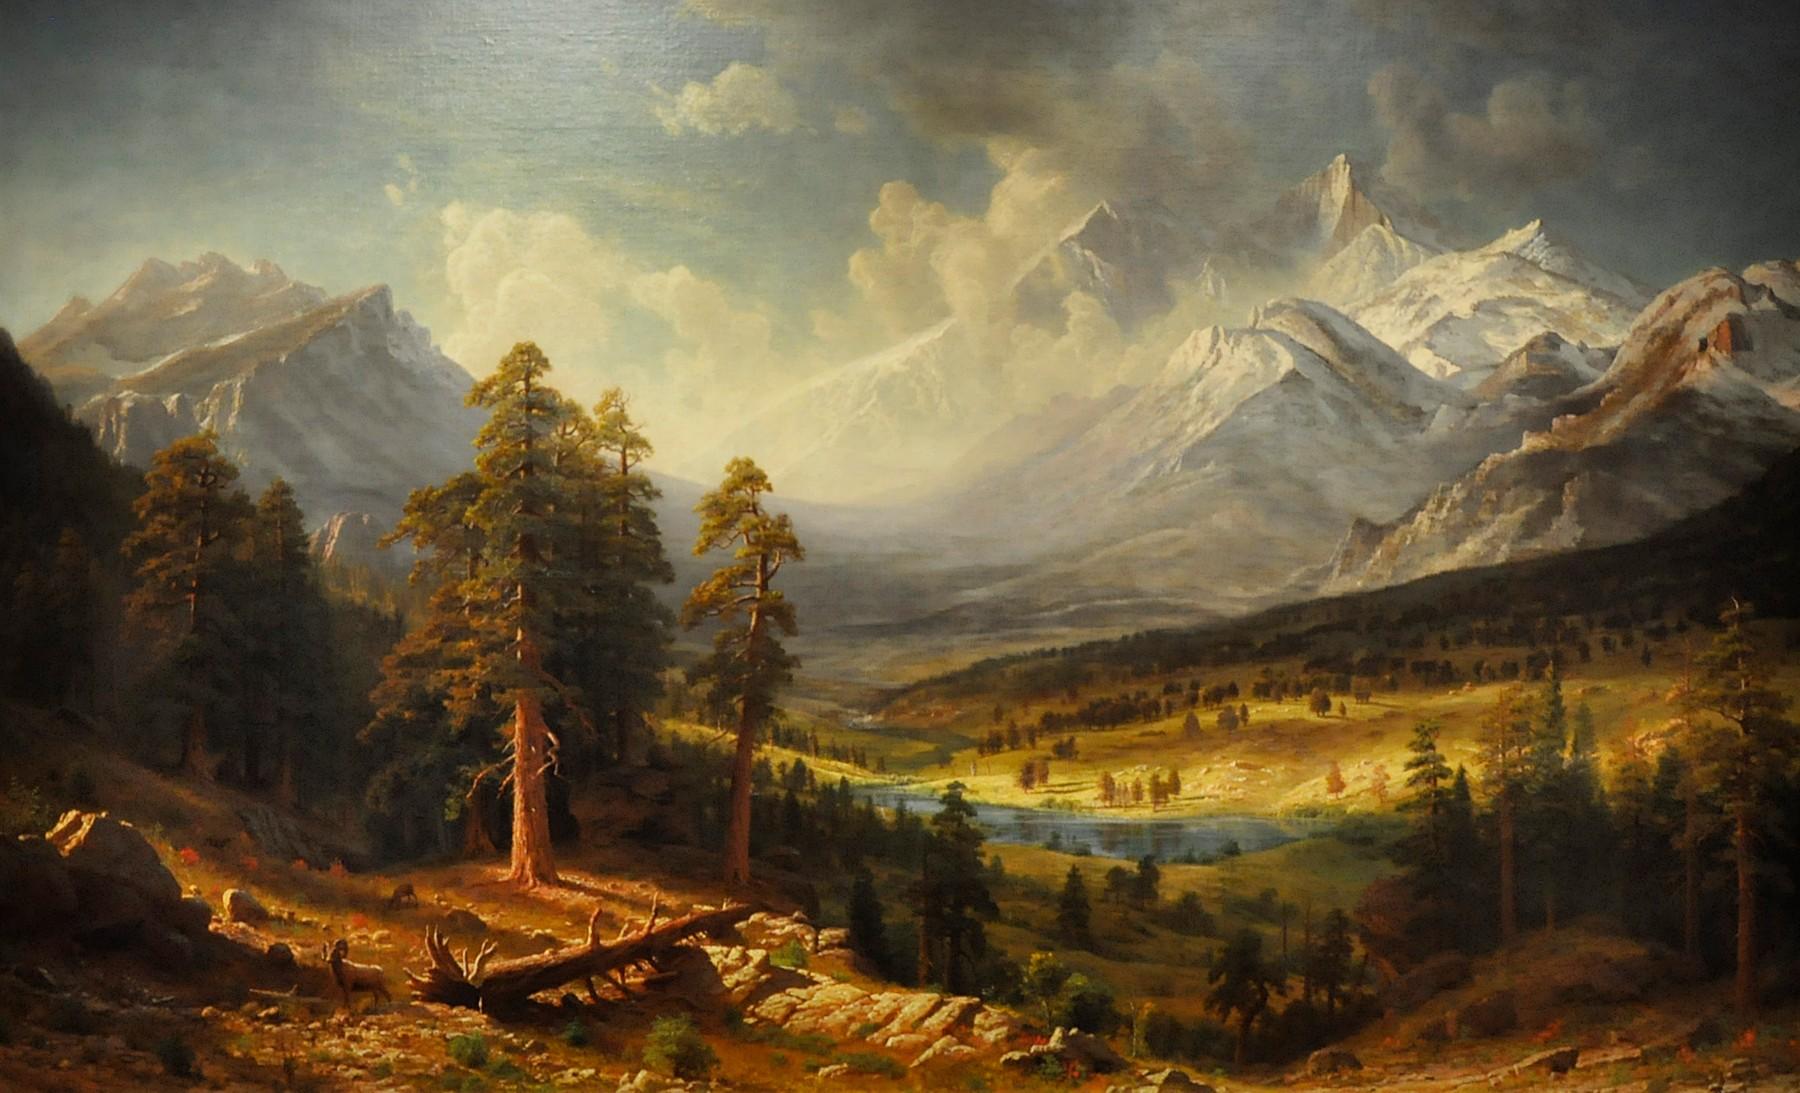 albert_bierstadt_-1830-1902-_-_estes_park_-1877-_-_denver_art_museum_18-9-2014_12-46-50.jpg